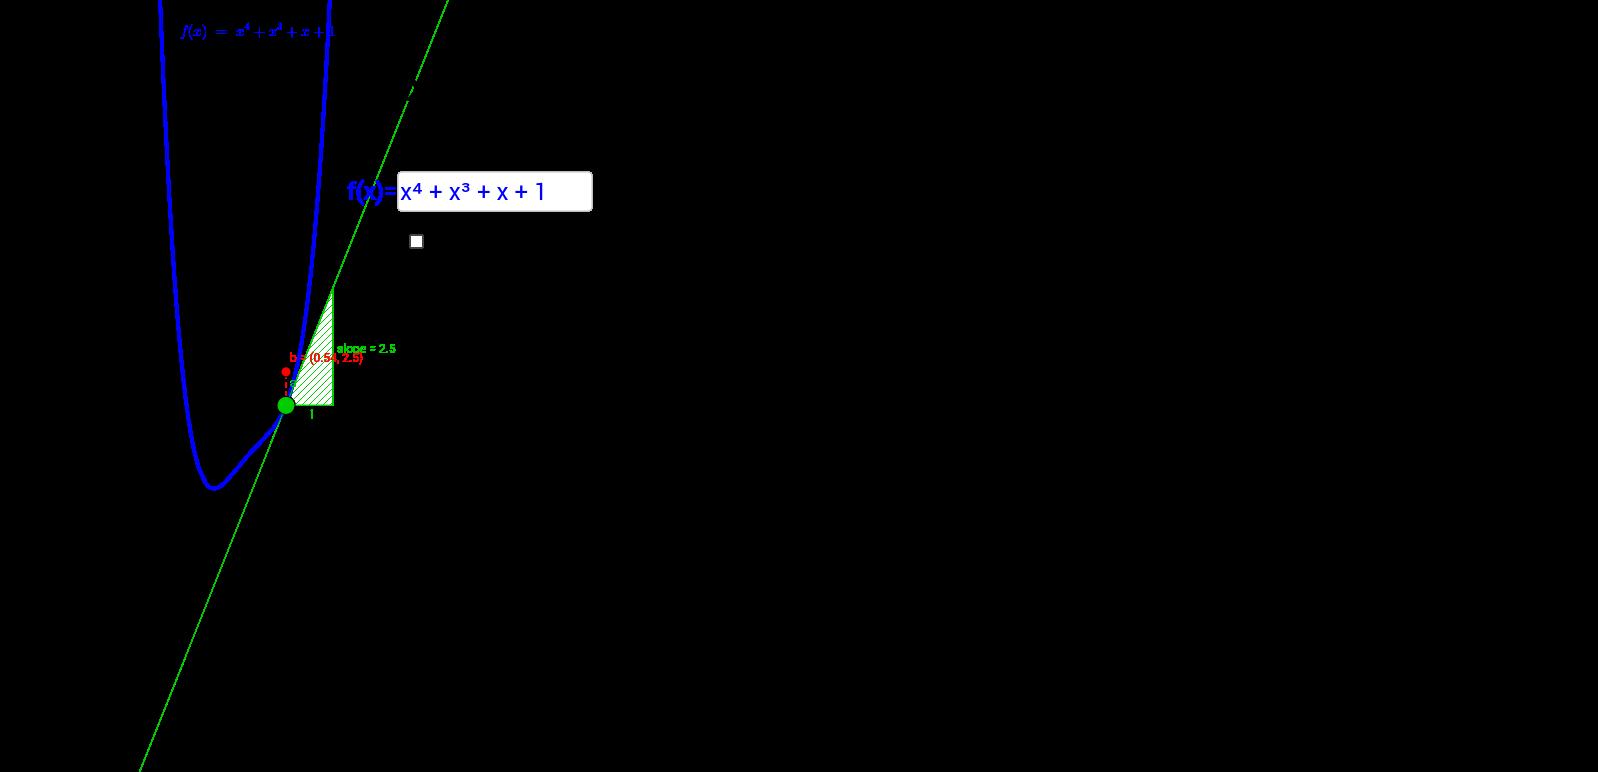 f'(x) 의 그래프 그리기